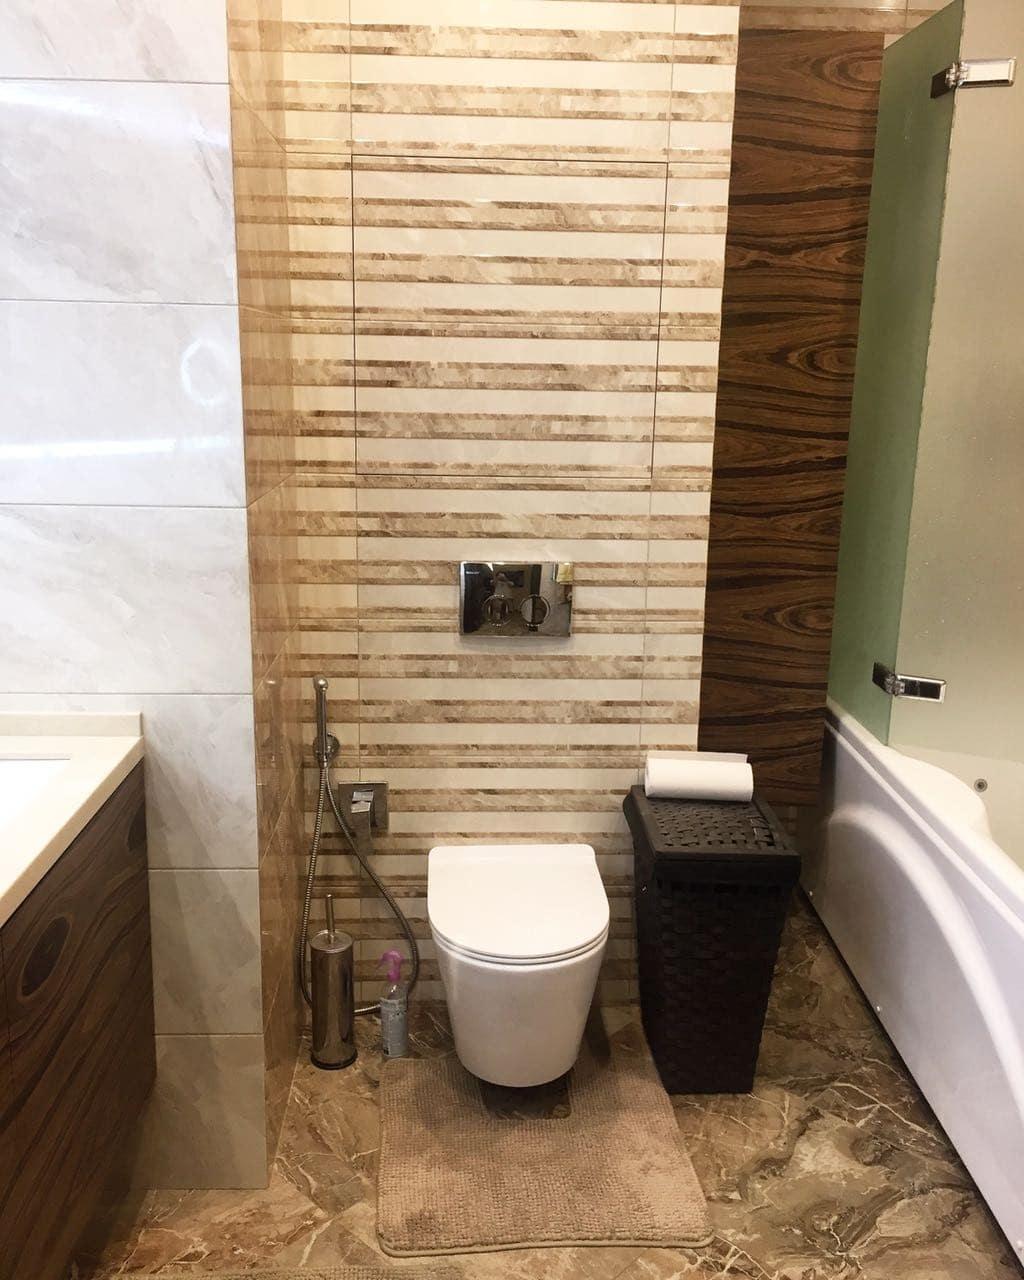 туалет в ванной комнате, унитаз